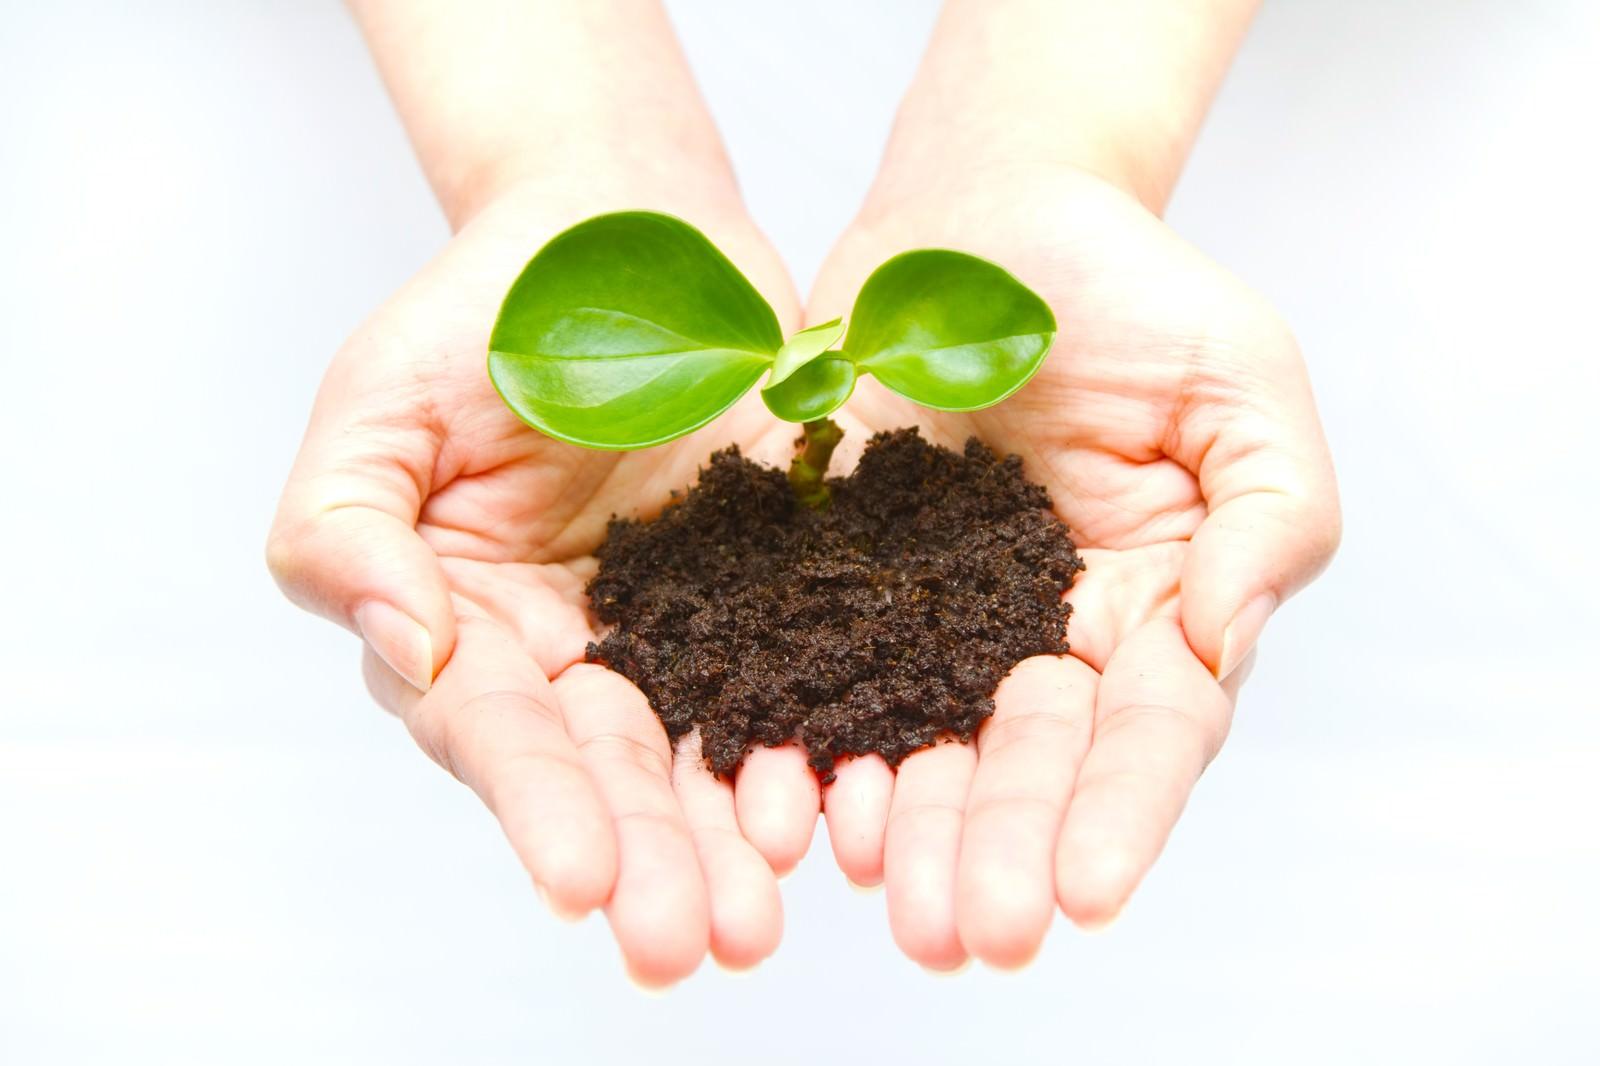 「手のひらの苗(環境・エコ)手のひらの苗(環境・エコ)」のフリー写真素材を拡大